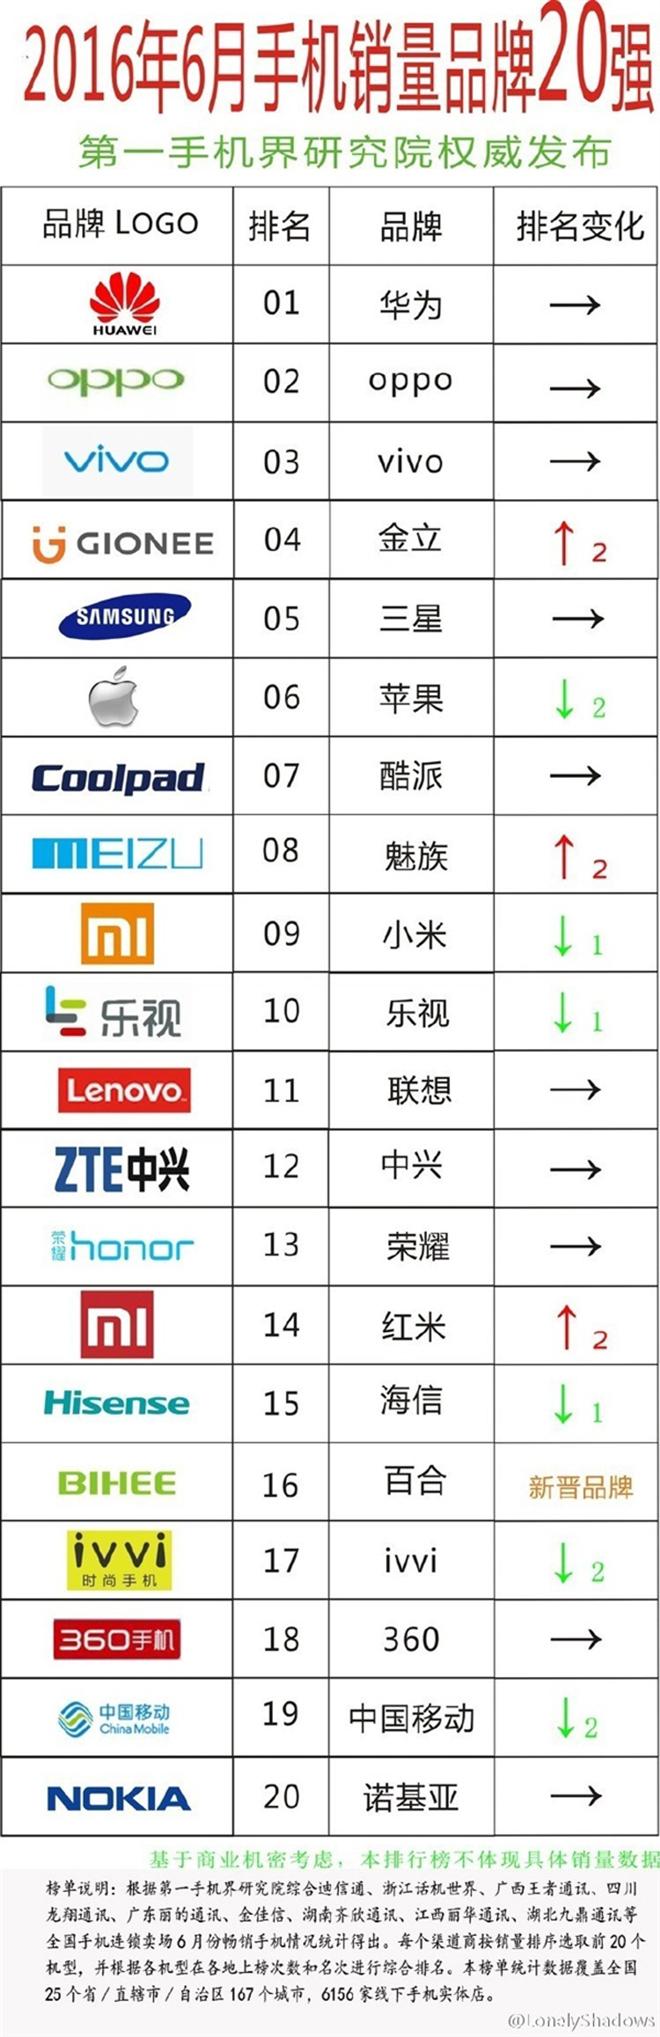 топ китайских производителей 2016